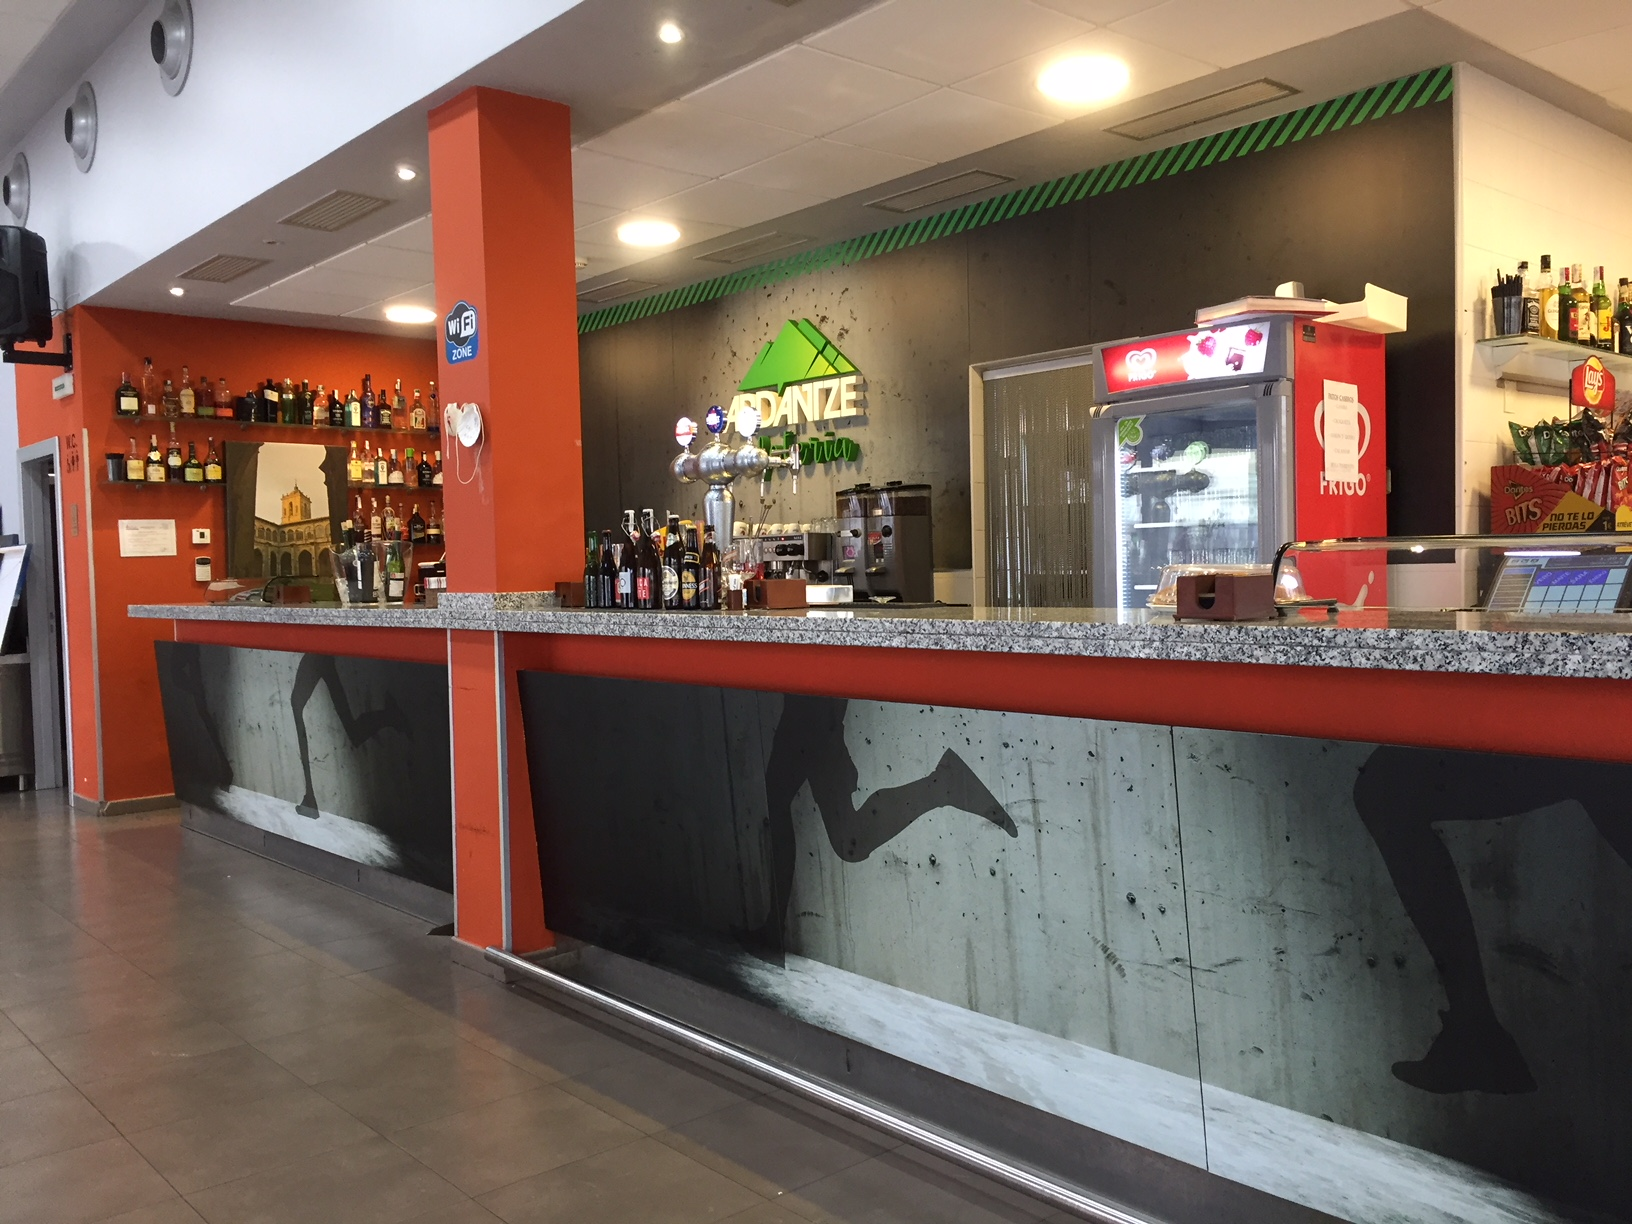 mural_vinilos_vinilo_decoracion_poliestireno_logo_cartel_ESTELLA_NAVARRA_IMPRESIÓN_DISEÑO_VINILOS_ROTULACIÓN